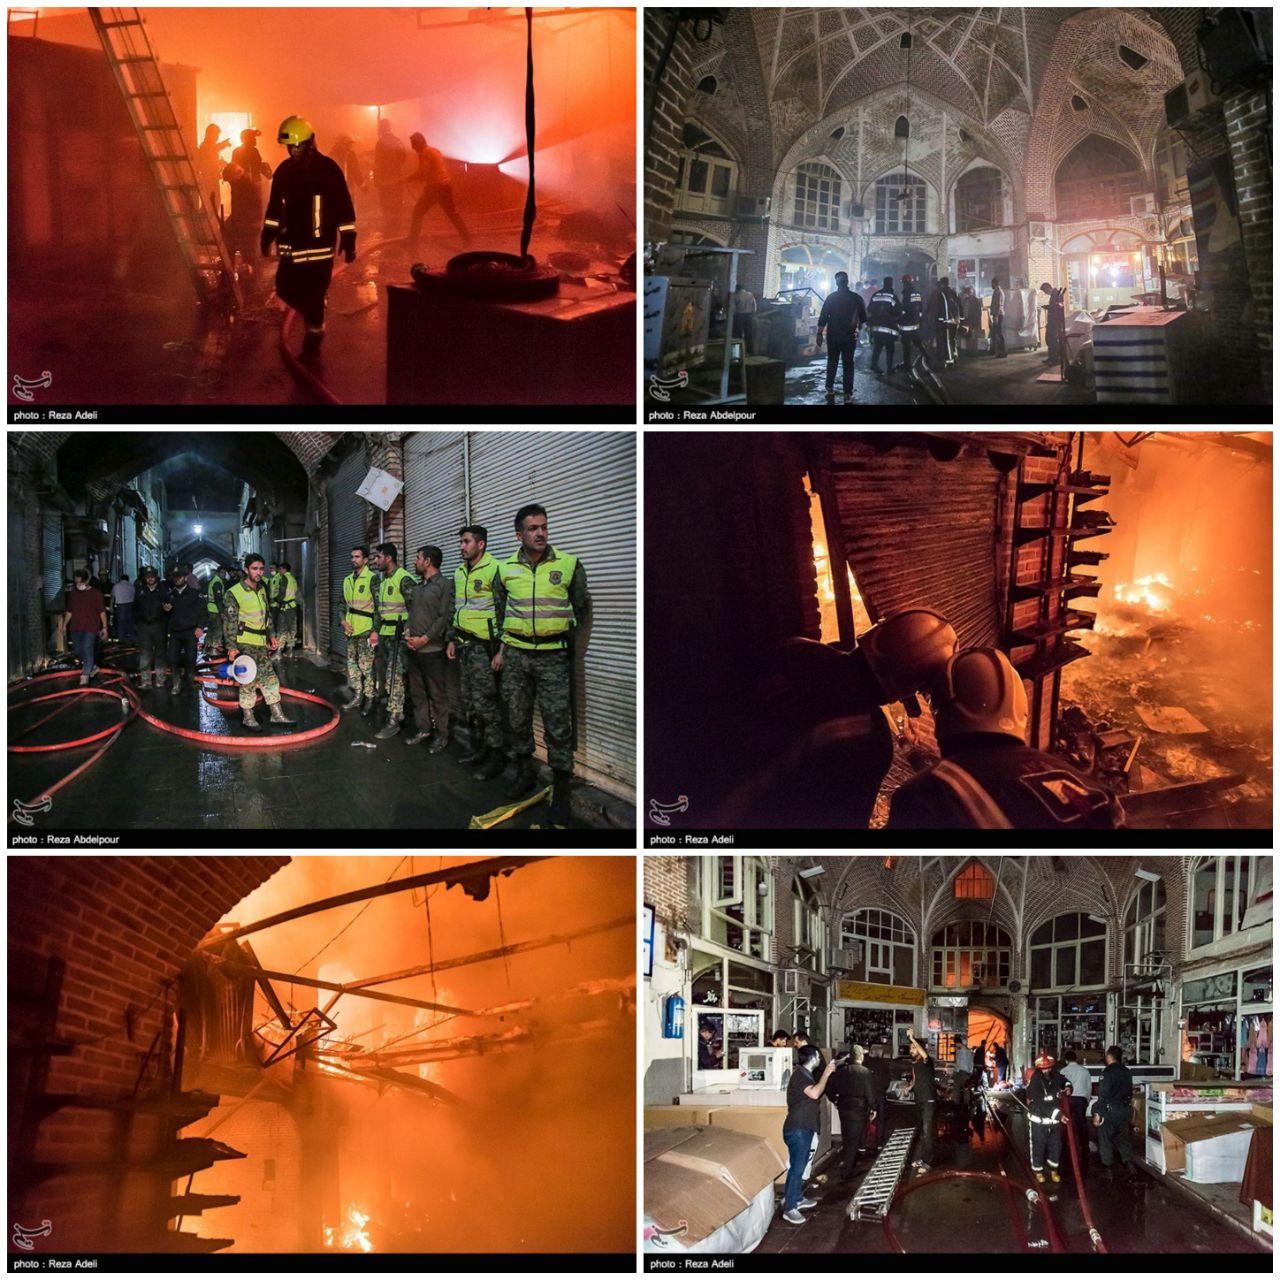 شب سخت و دلهرهآور تبریز؛ آتش بزرگ بازار تبریز در کمتر از ۴ ساعت اطفاء شد